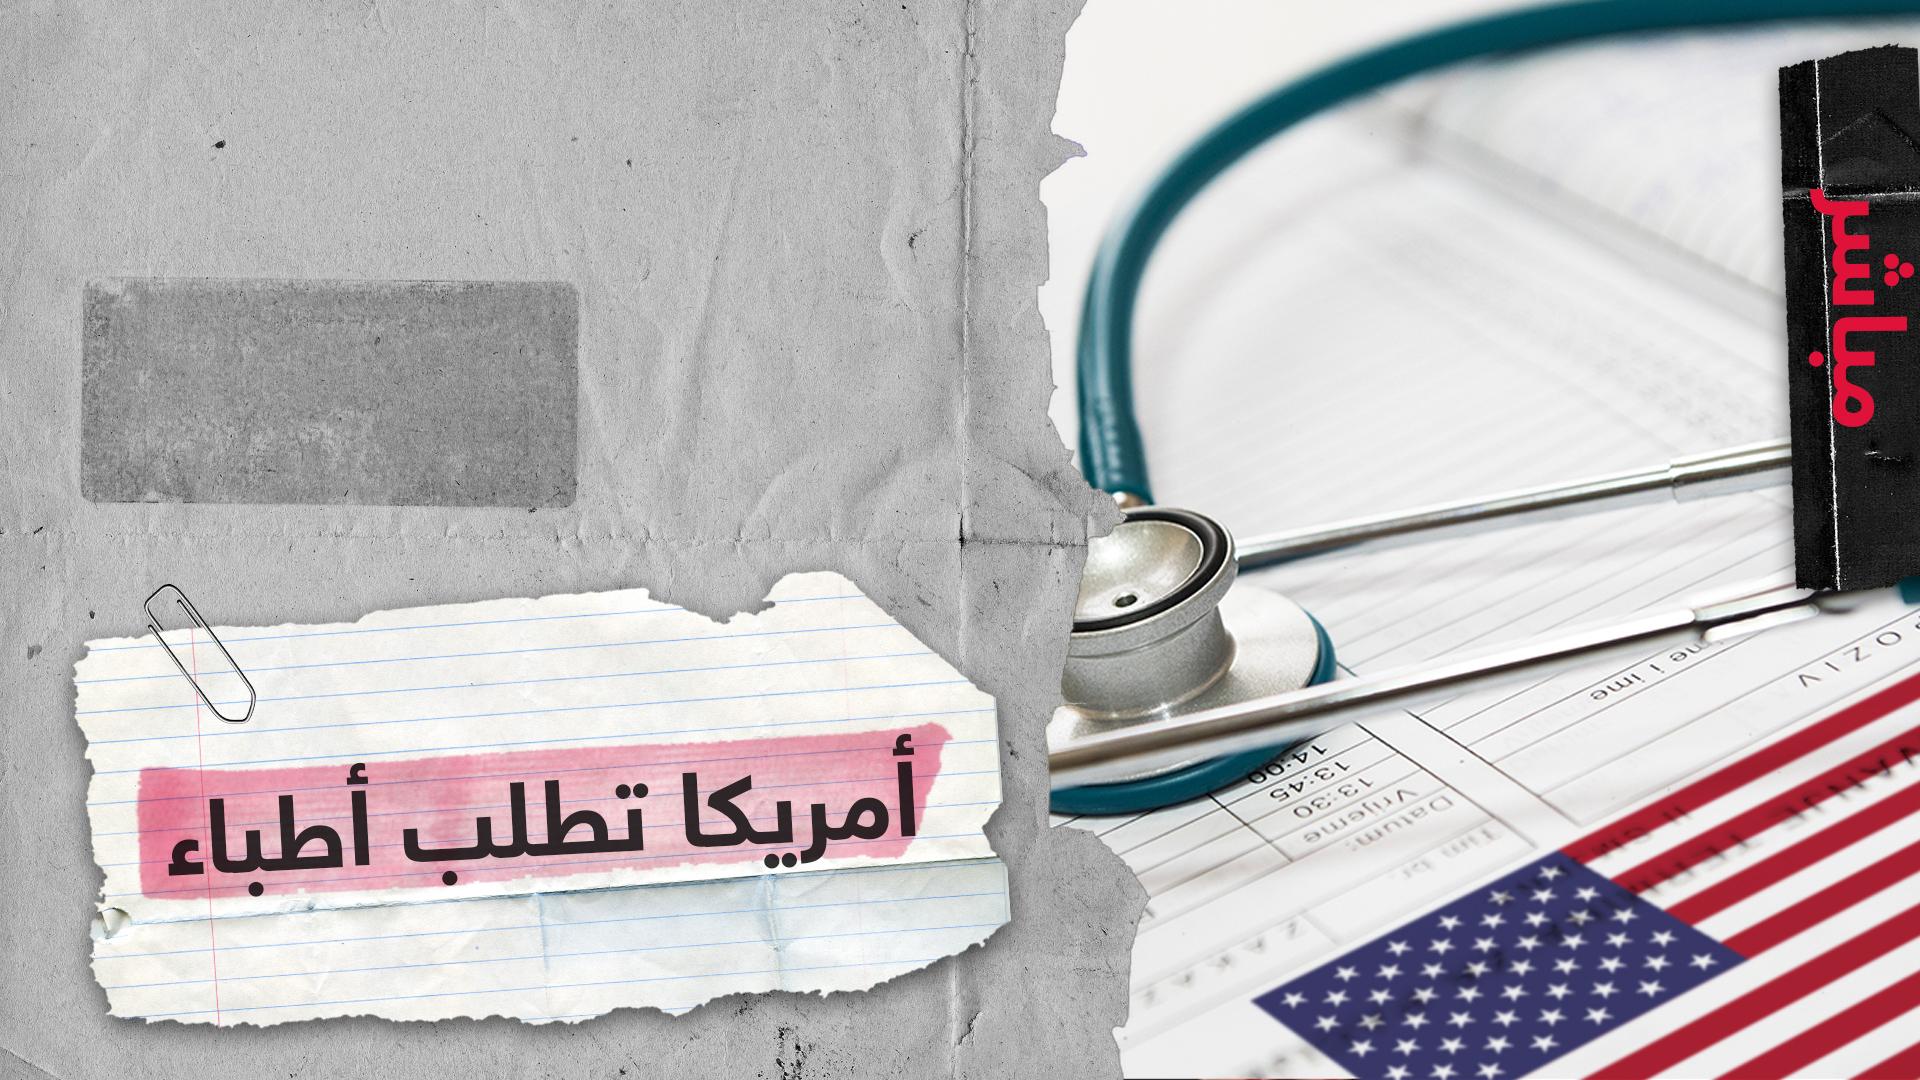 أمريكا تفتح باب تأشيراتها للأطباء لمكافحة كورونا